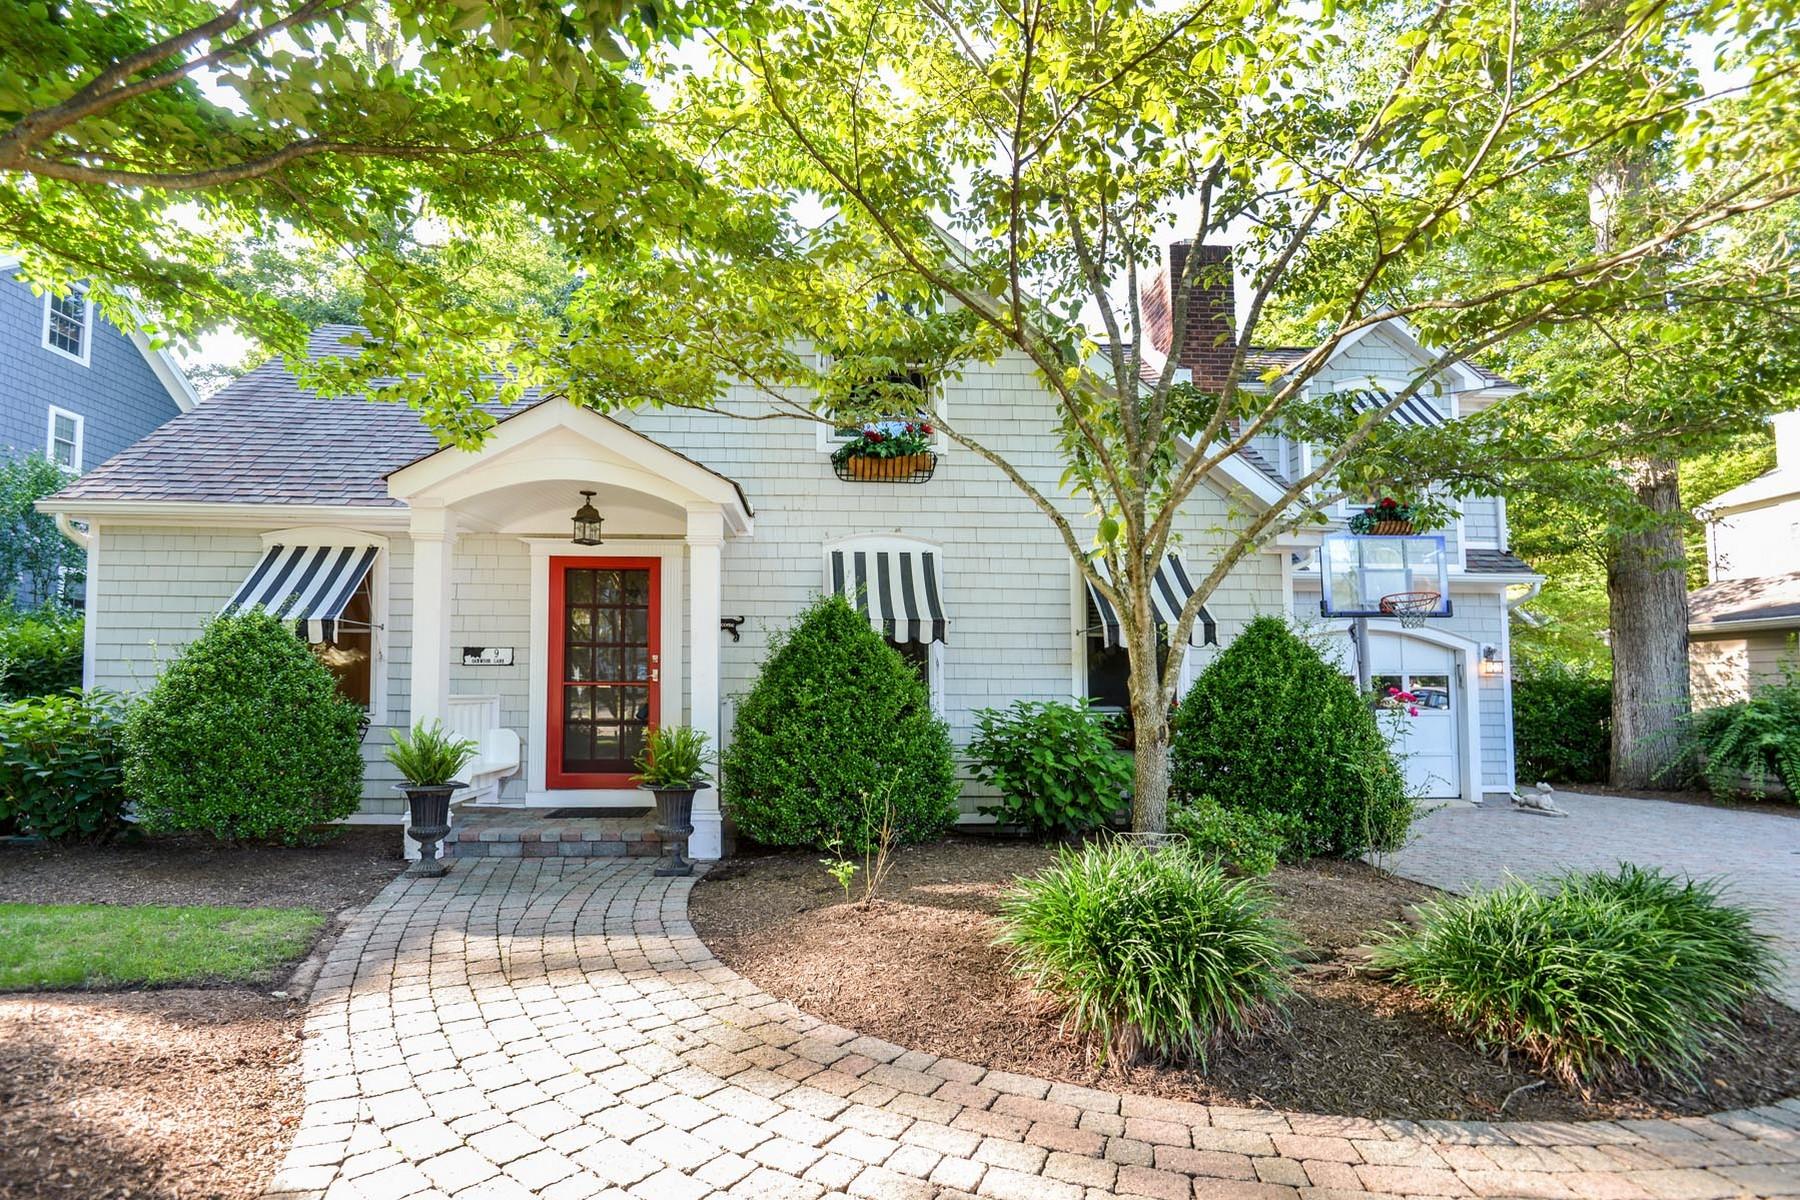 Maison unifamiliale pour l Vente à Cape style home 9 Oakwood Ln Rumson, New Jersey 07760 États-Unis